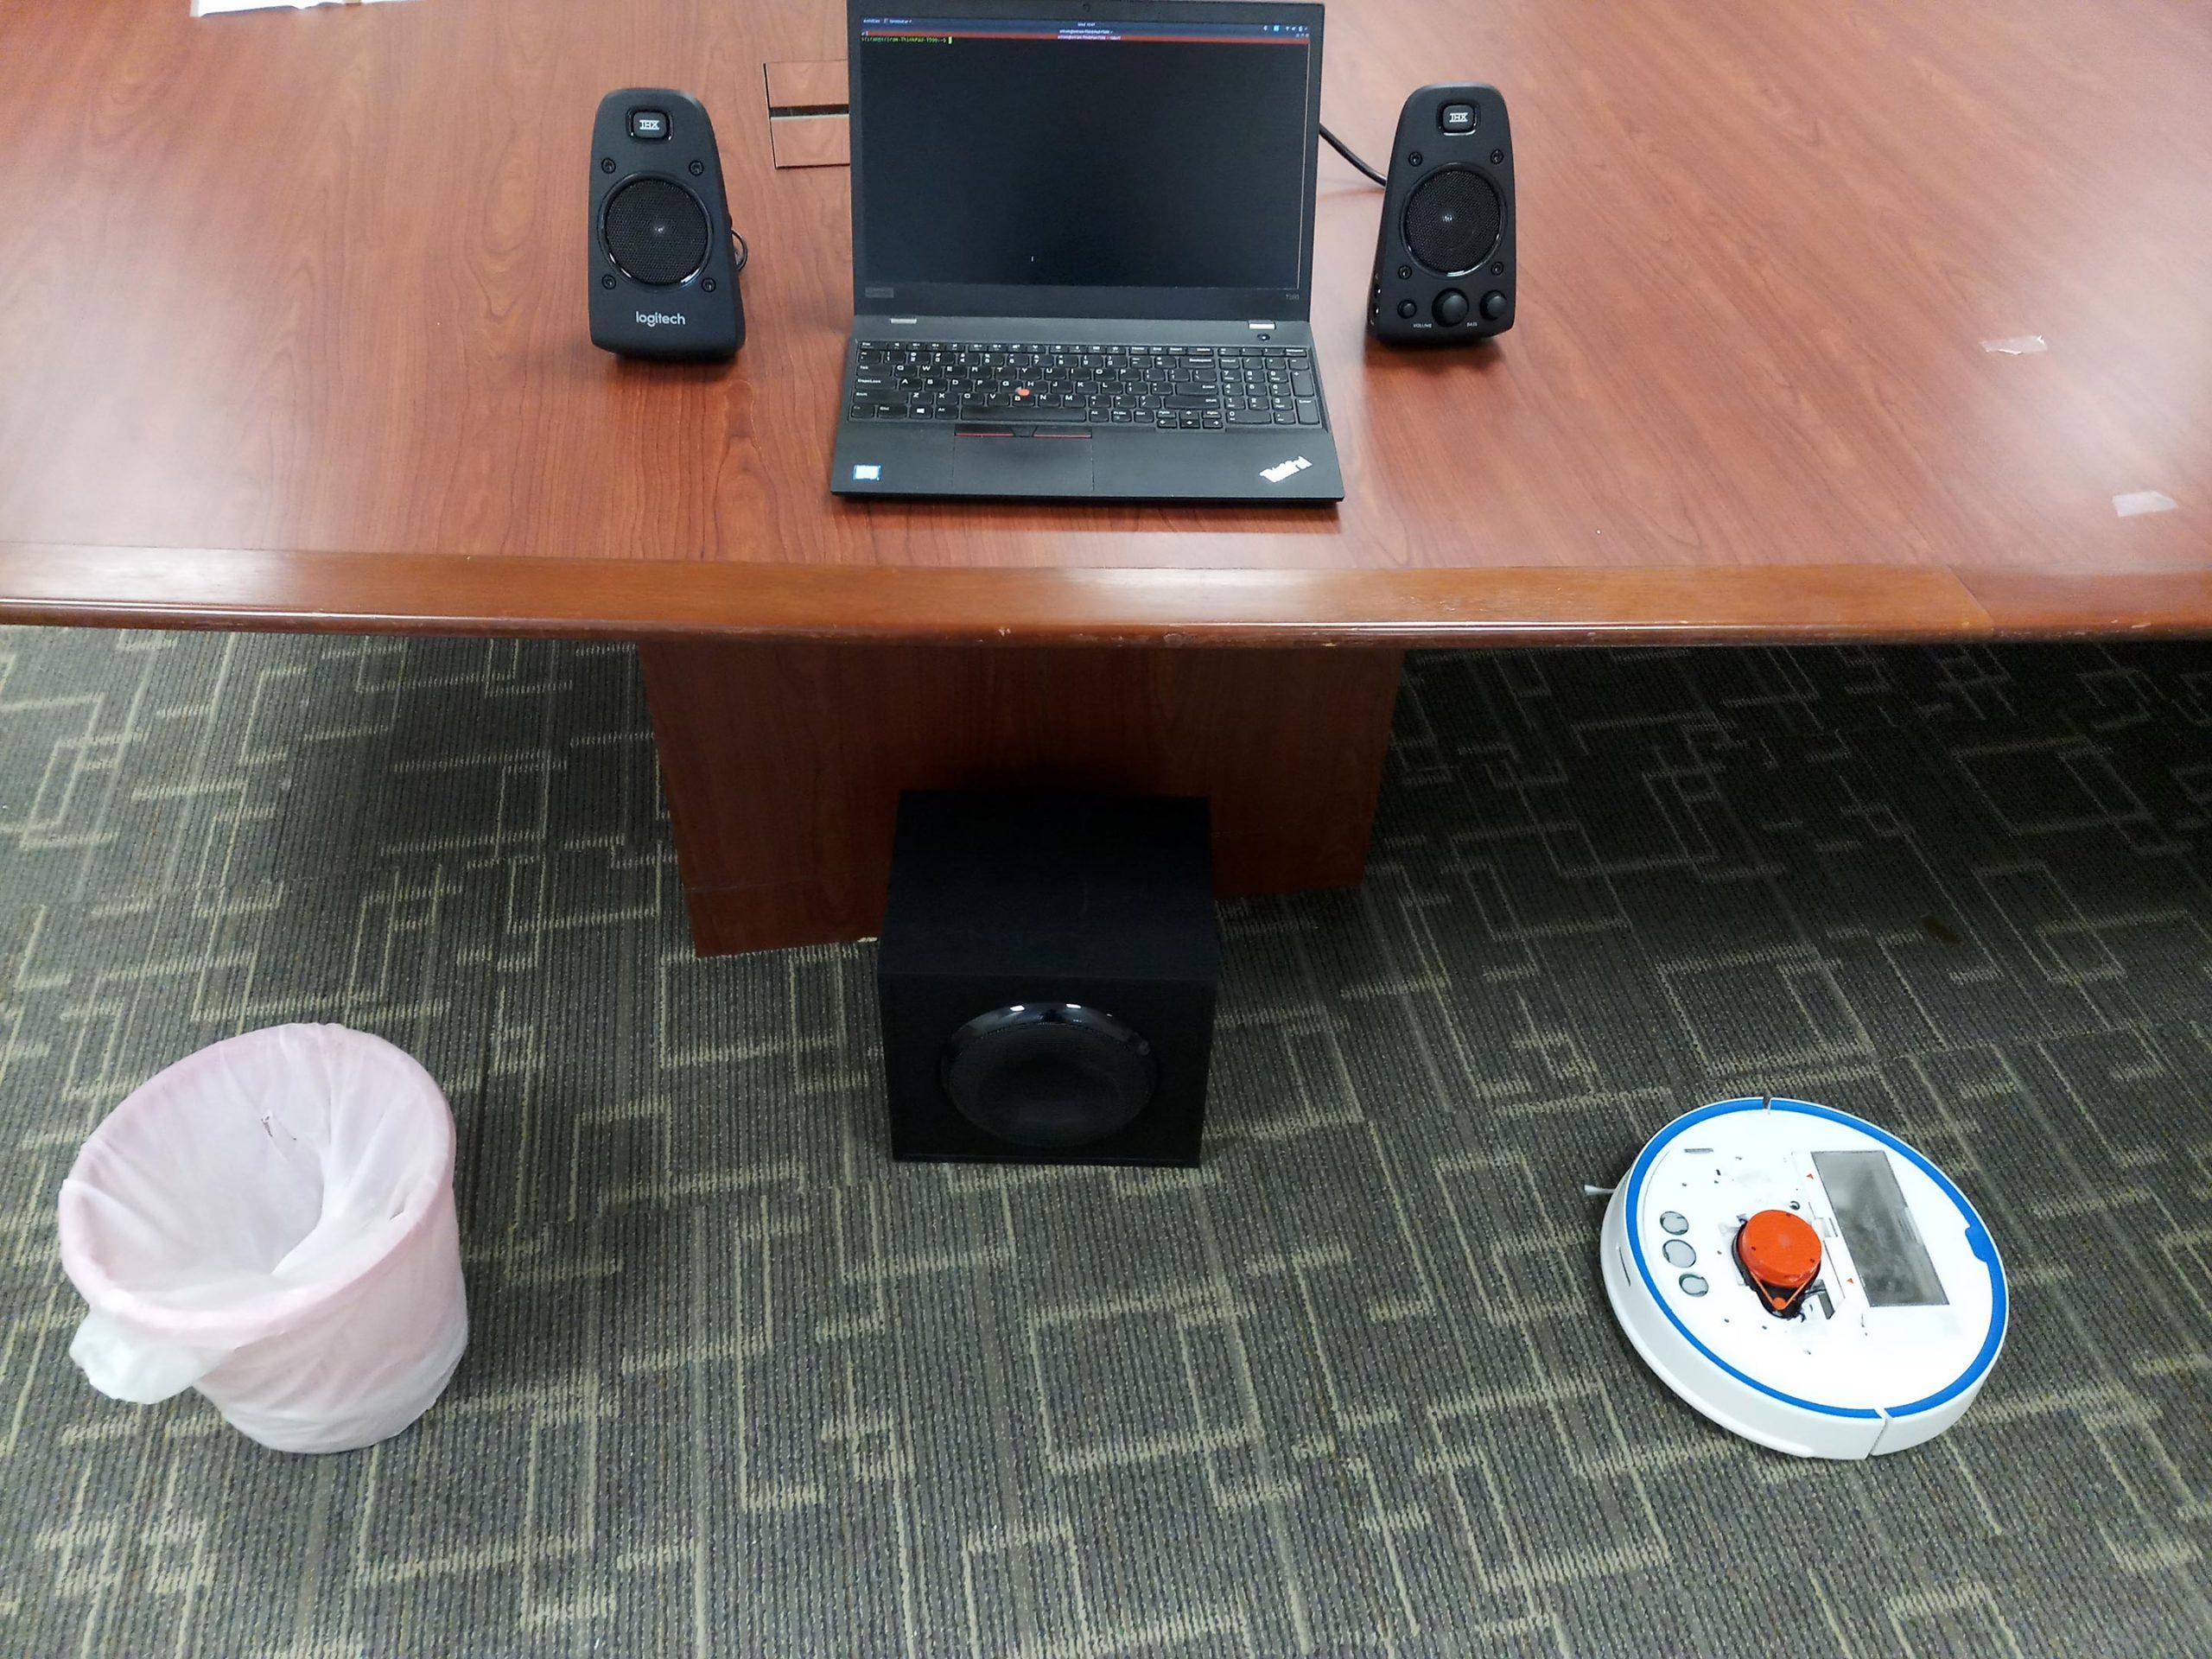 Automatyczny odkurzacz może służyć jako podsłuch